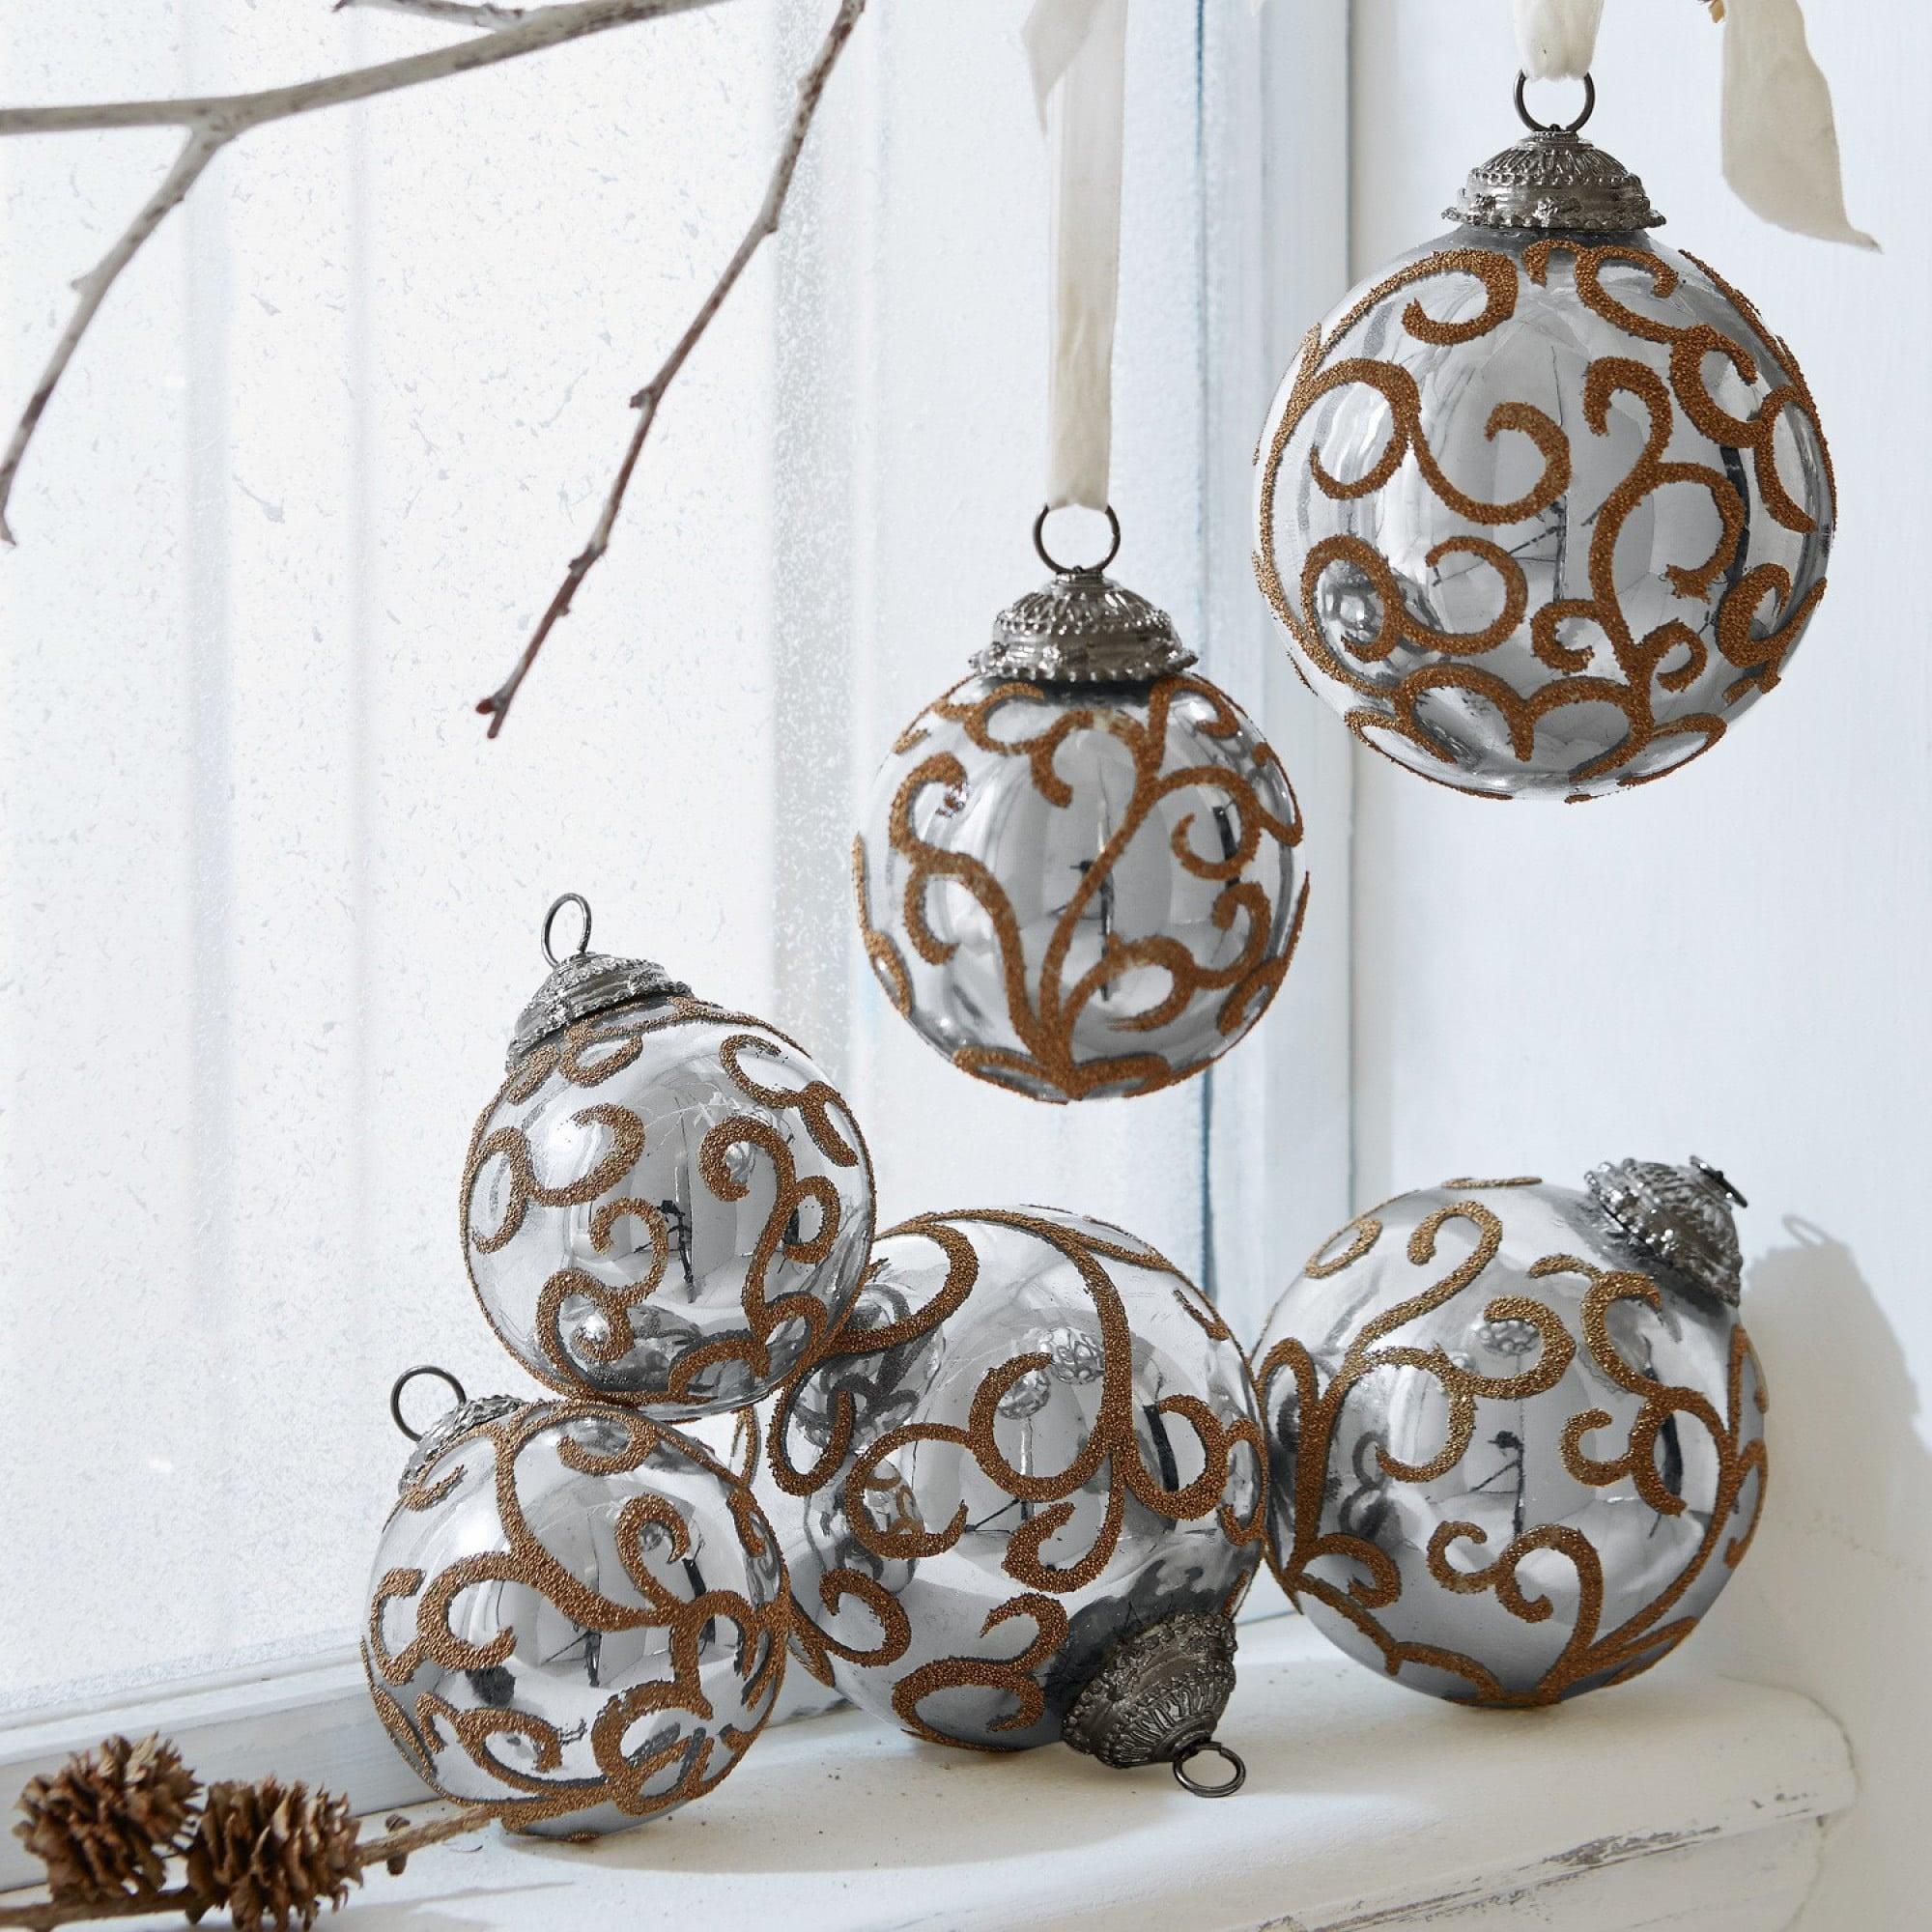 weihnachtsschmuck 6er set servane loberon coming home. Black Bedroom Furniture Sets. Home Design Ideas